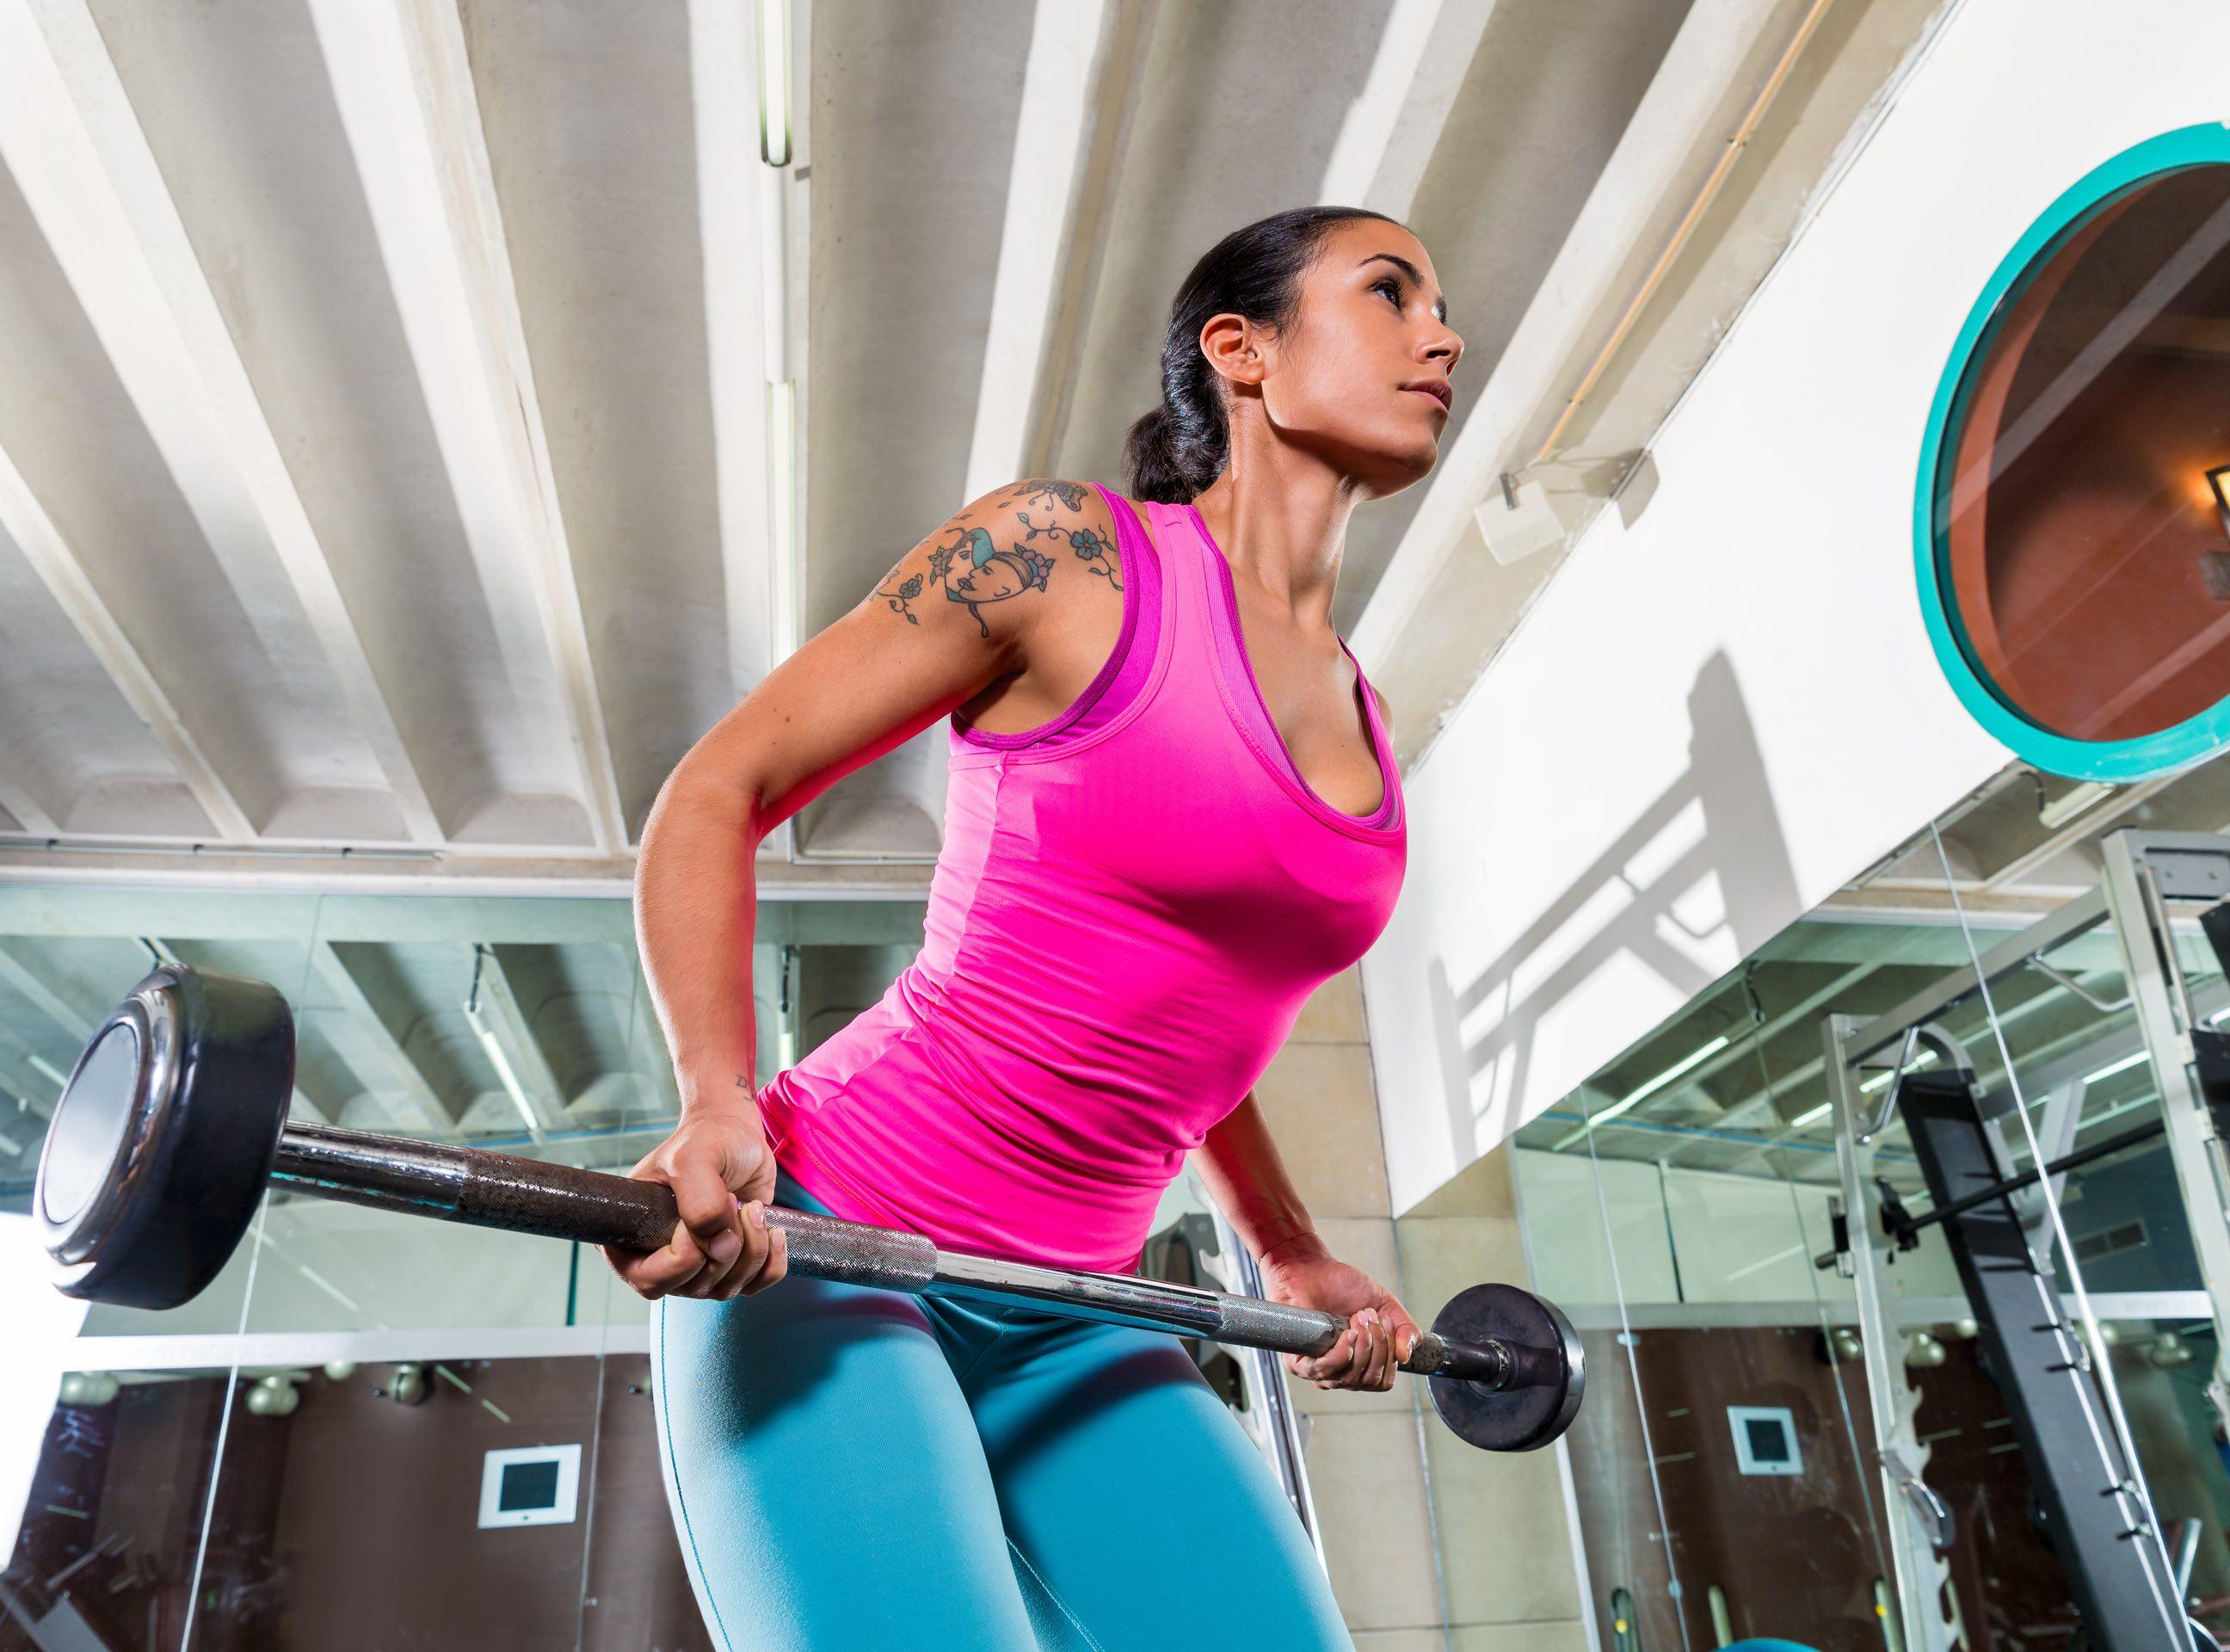 Mit guter Greifkraft kannst Du effektiver trainieren